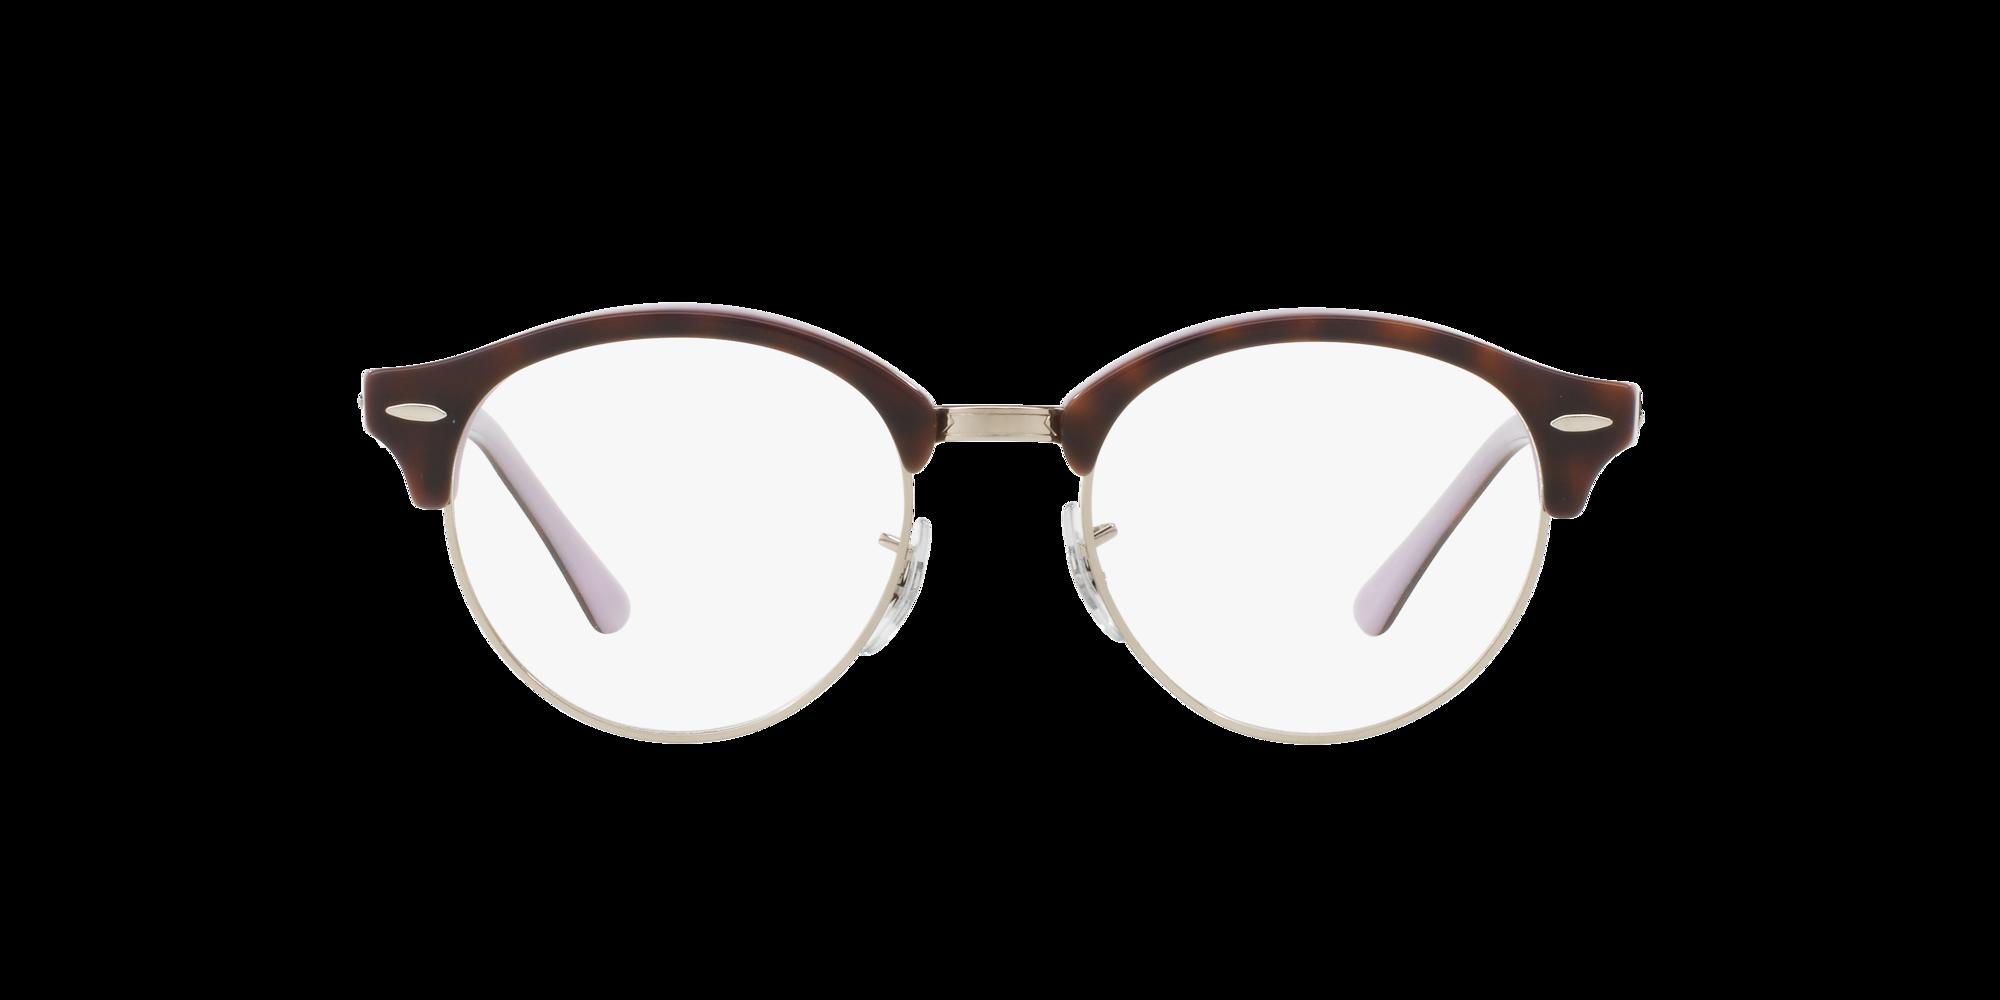 Imagen para RX4246V CLUBROUND de LensCrafters |  Espejuelos, espejuelos graduados en línea, gafas